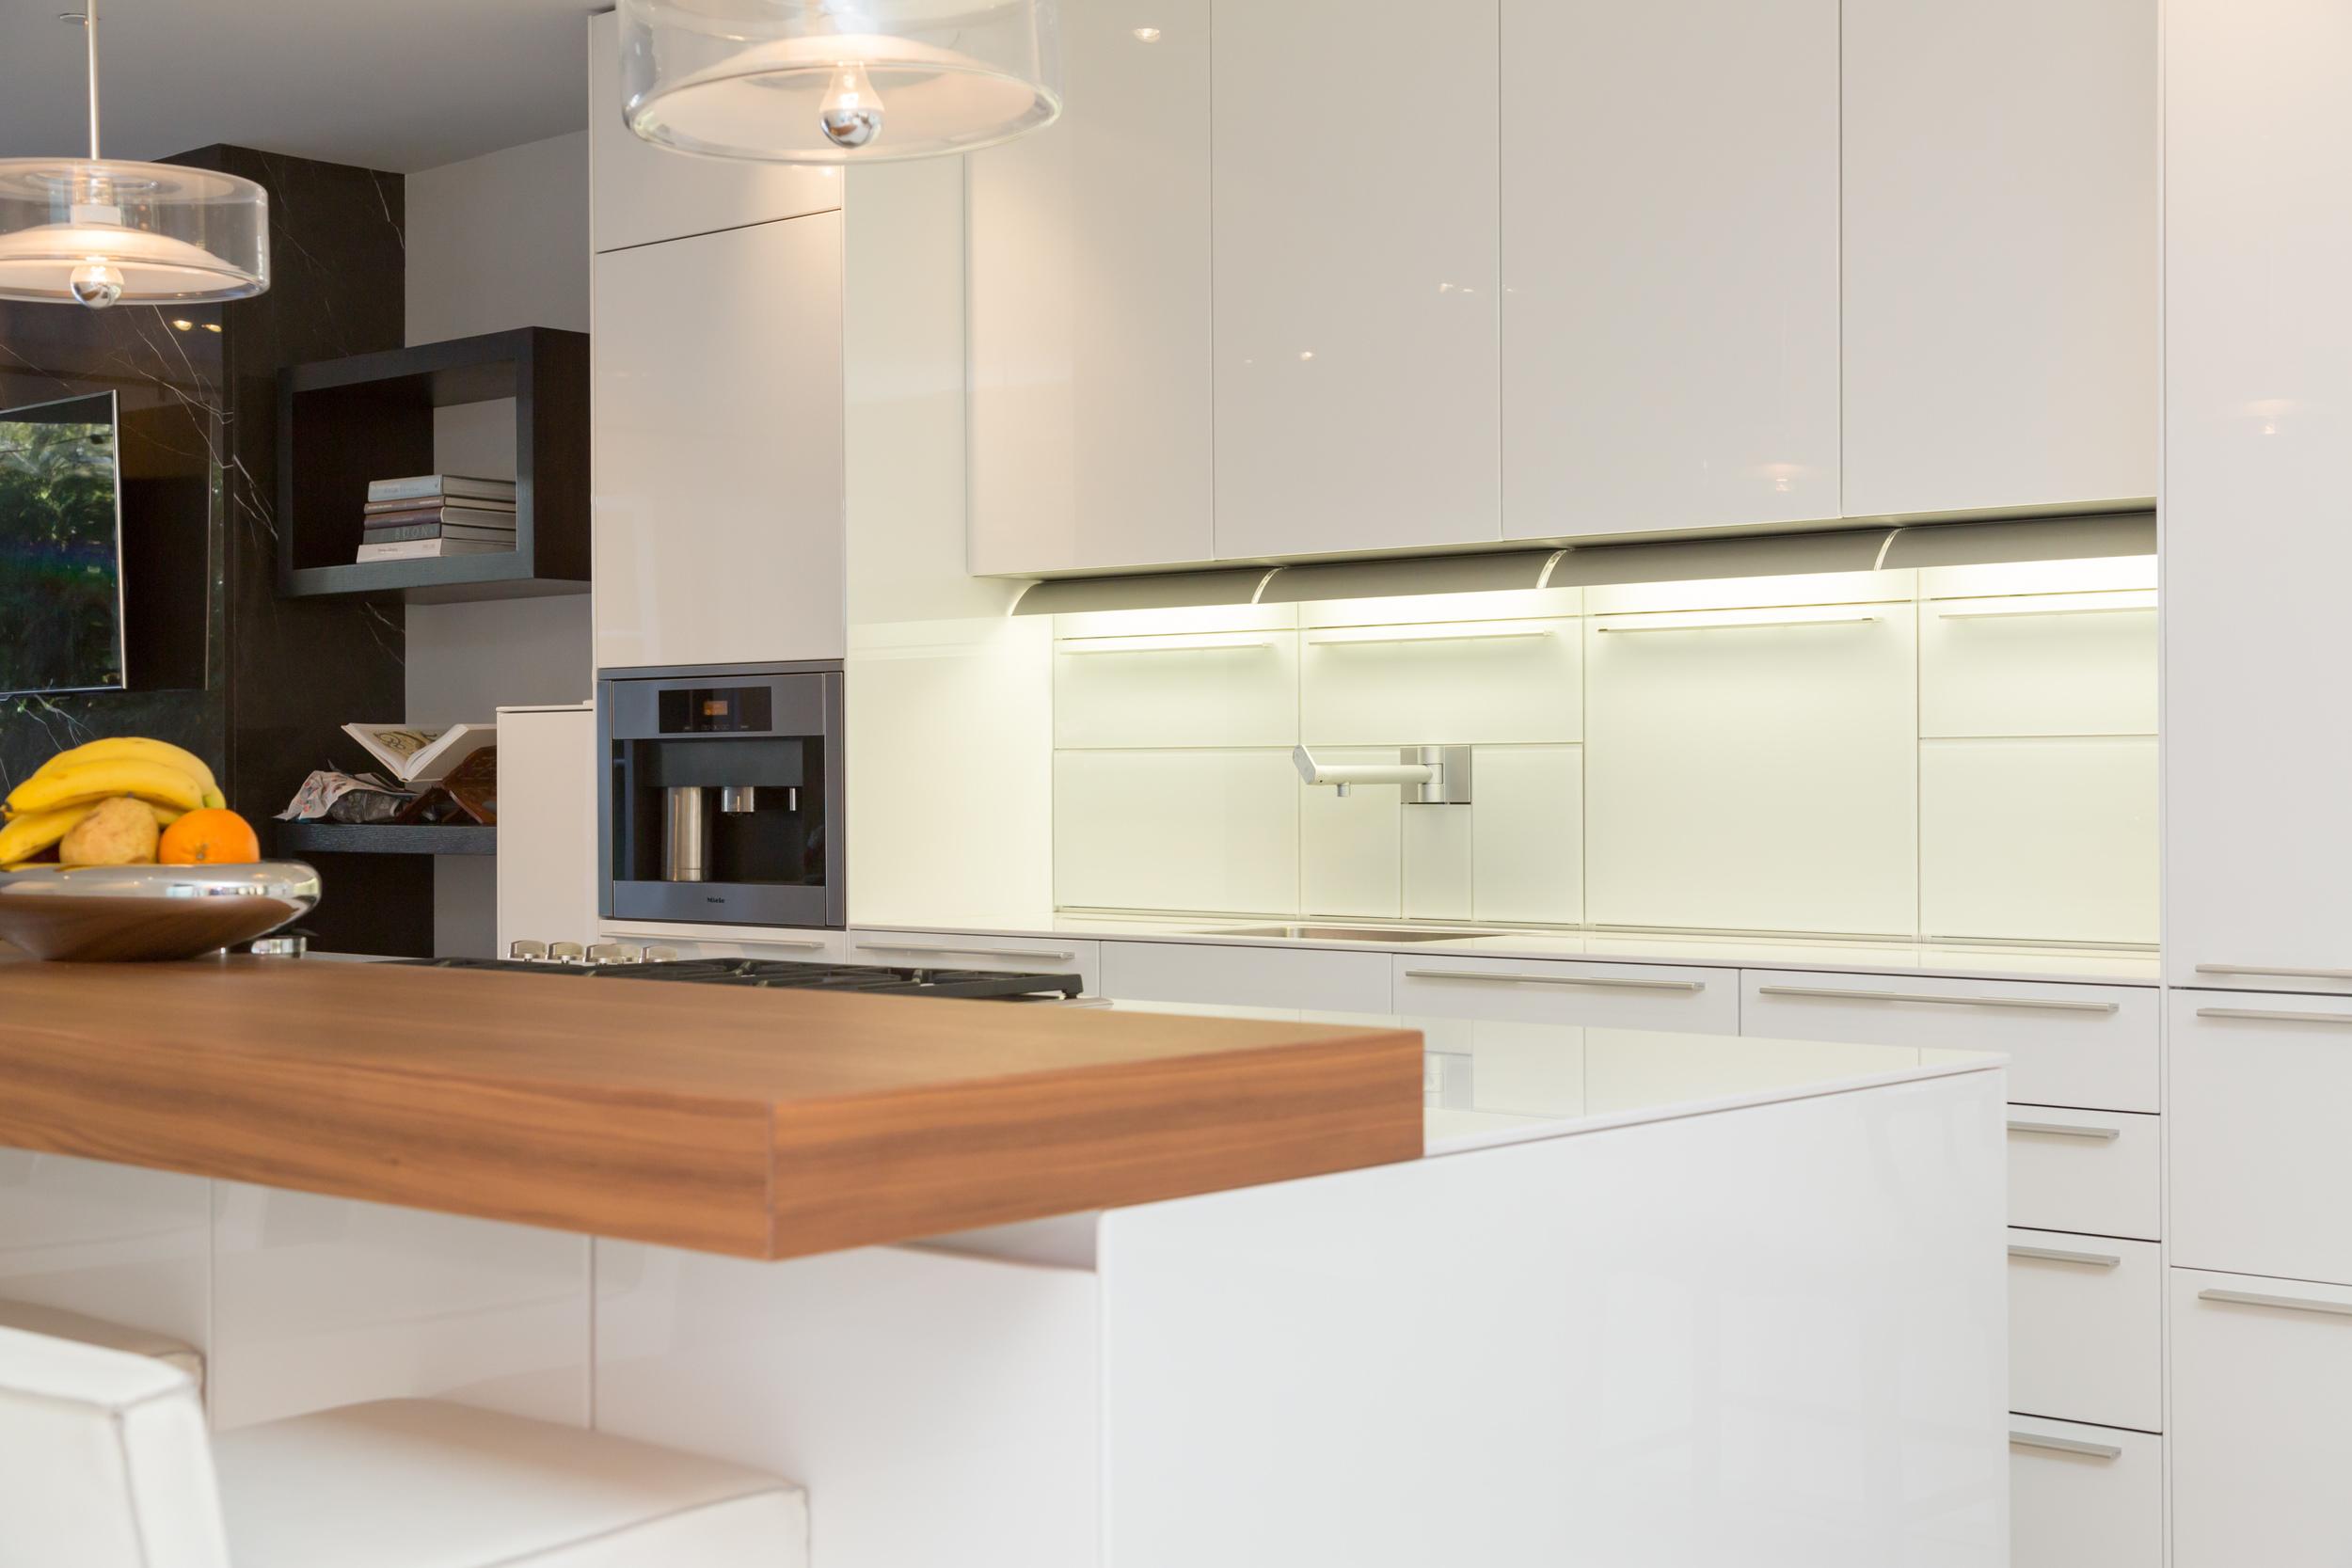 20 Kitchen 4.jpg